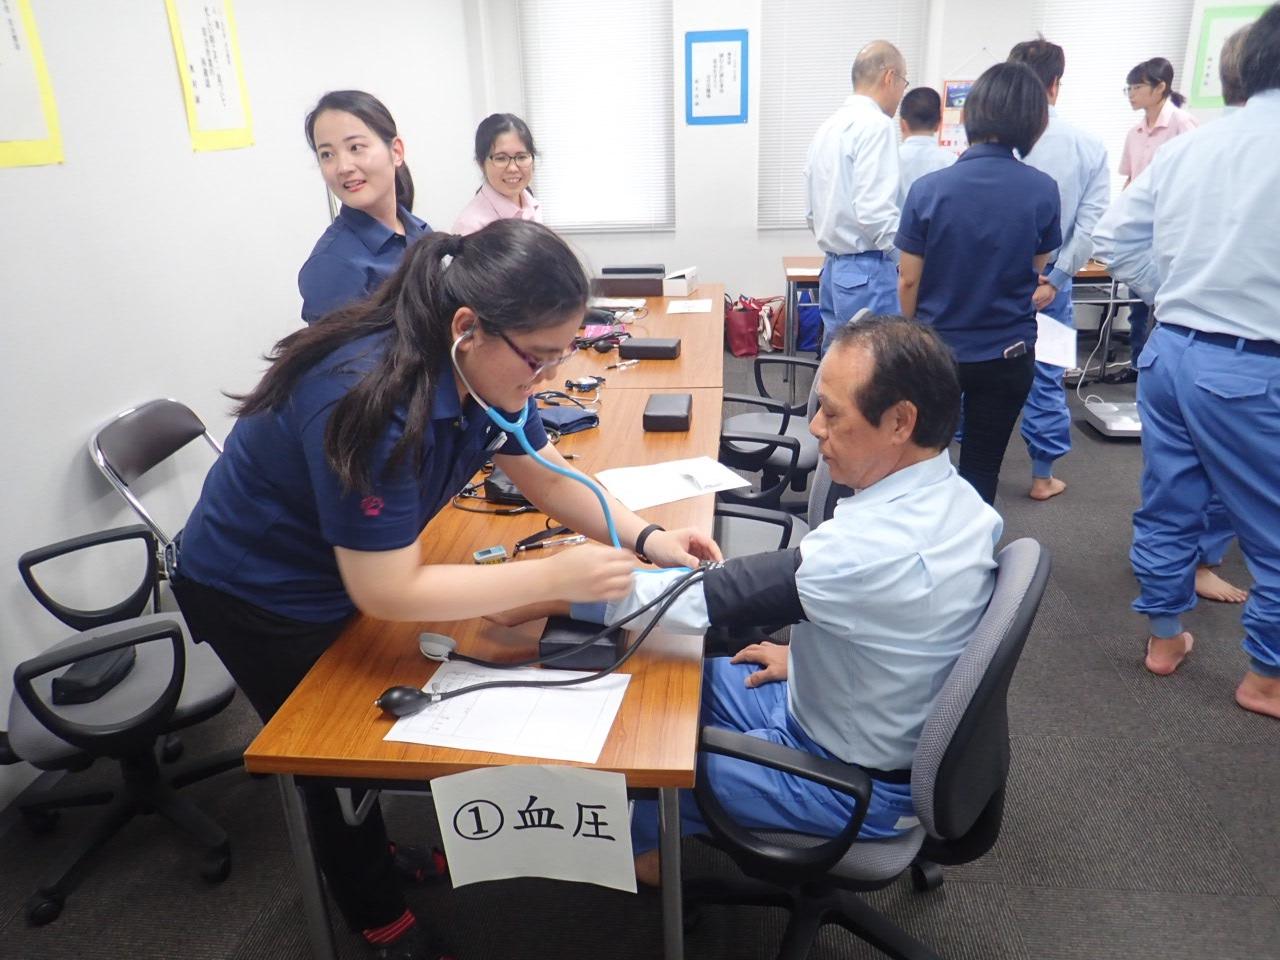 名桜大学サポートによる社内健康チェック